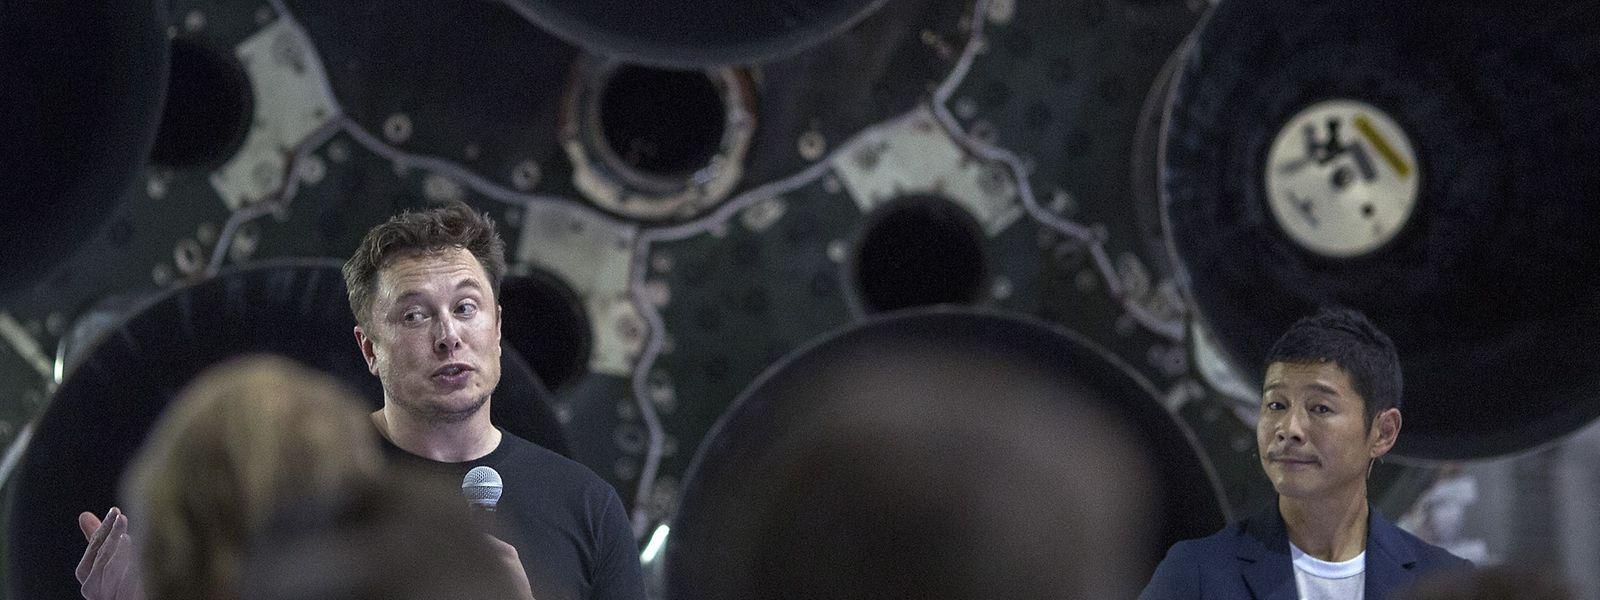 SapceX-Chef Elon Musk (links) mit dem Auserwählten, dem Milliardär Yusaku Maezawa.